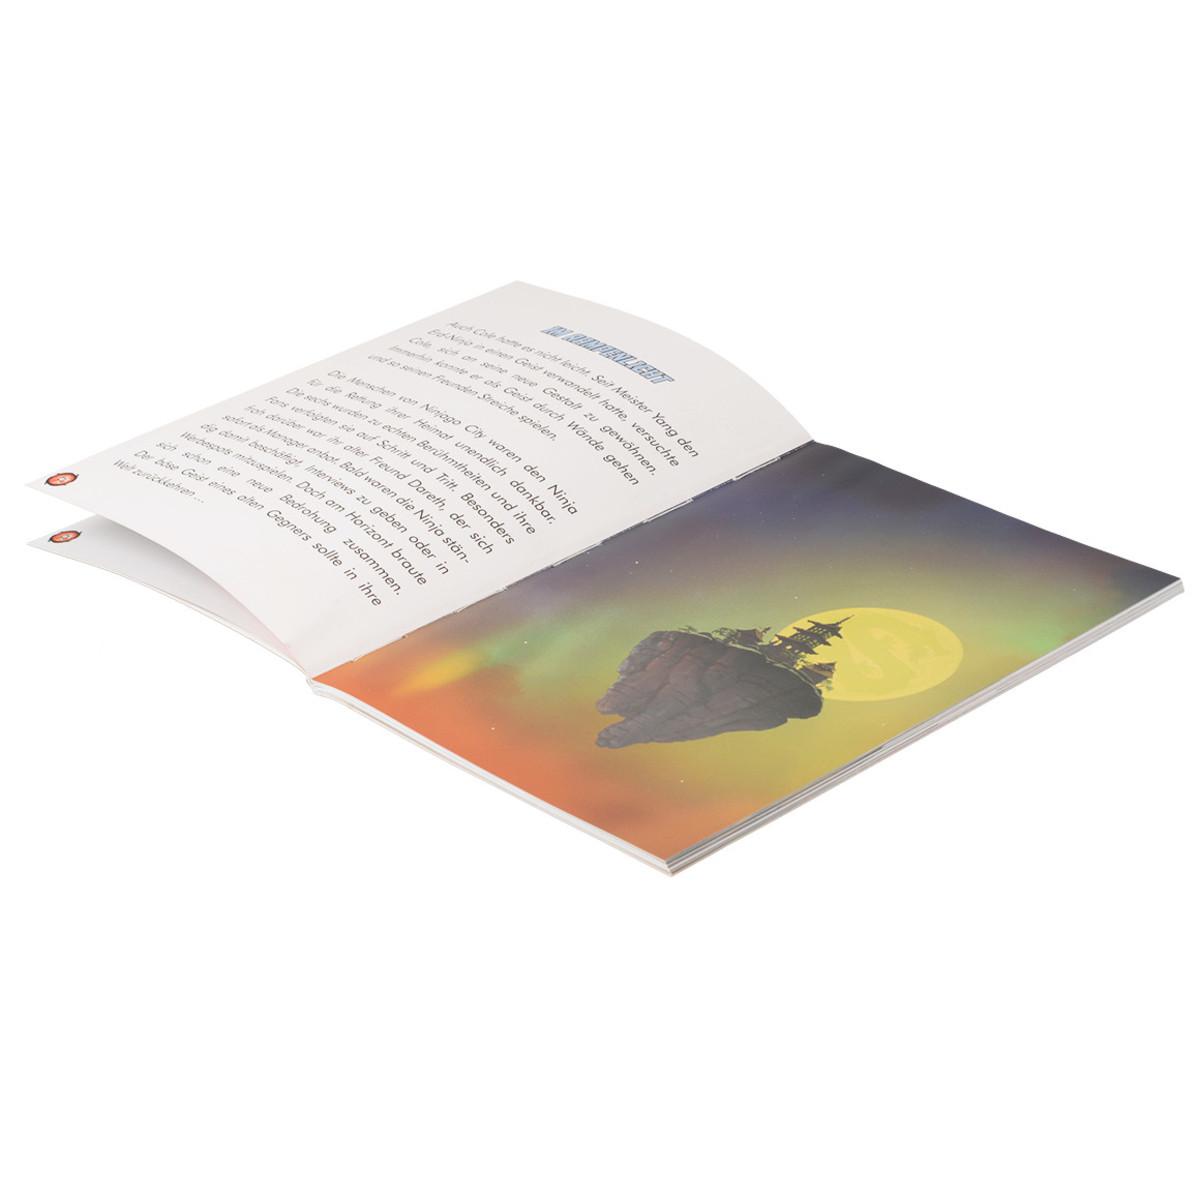 """Bild 2 von LEGO Ninjago Buch """"Die Rückkehr des Dschinns"""""""